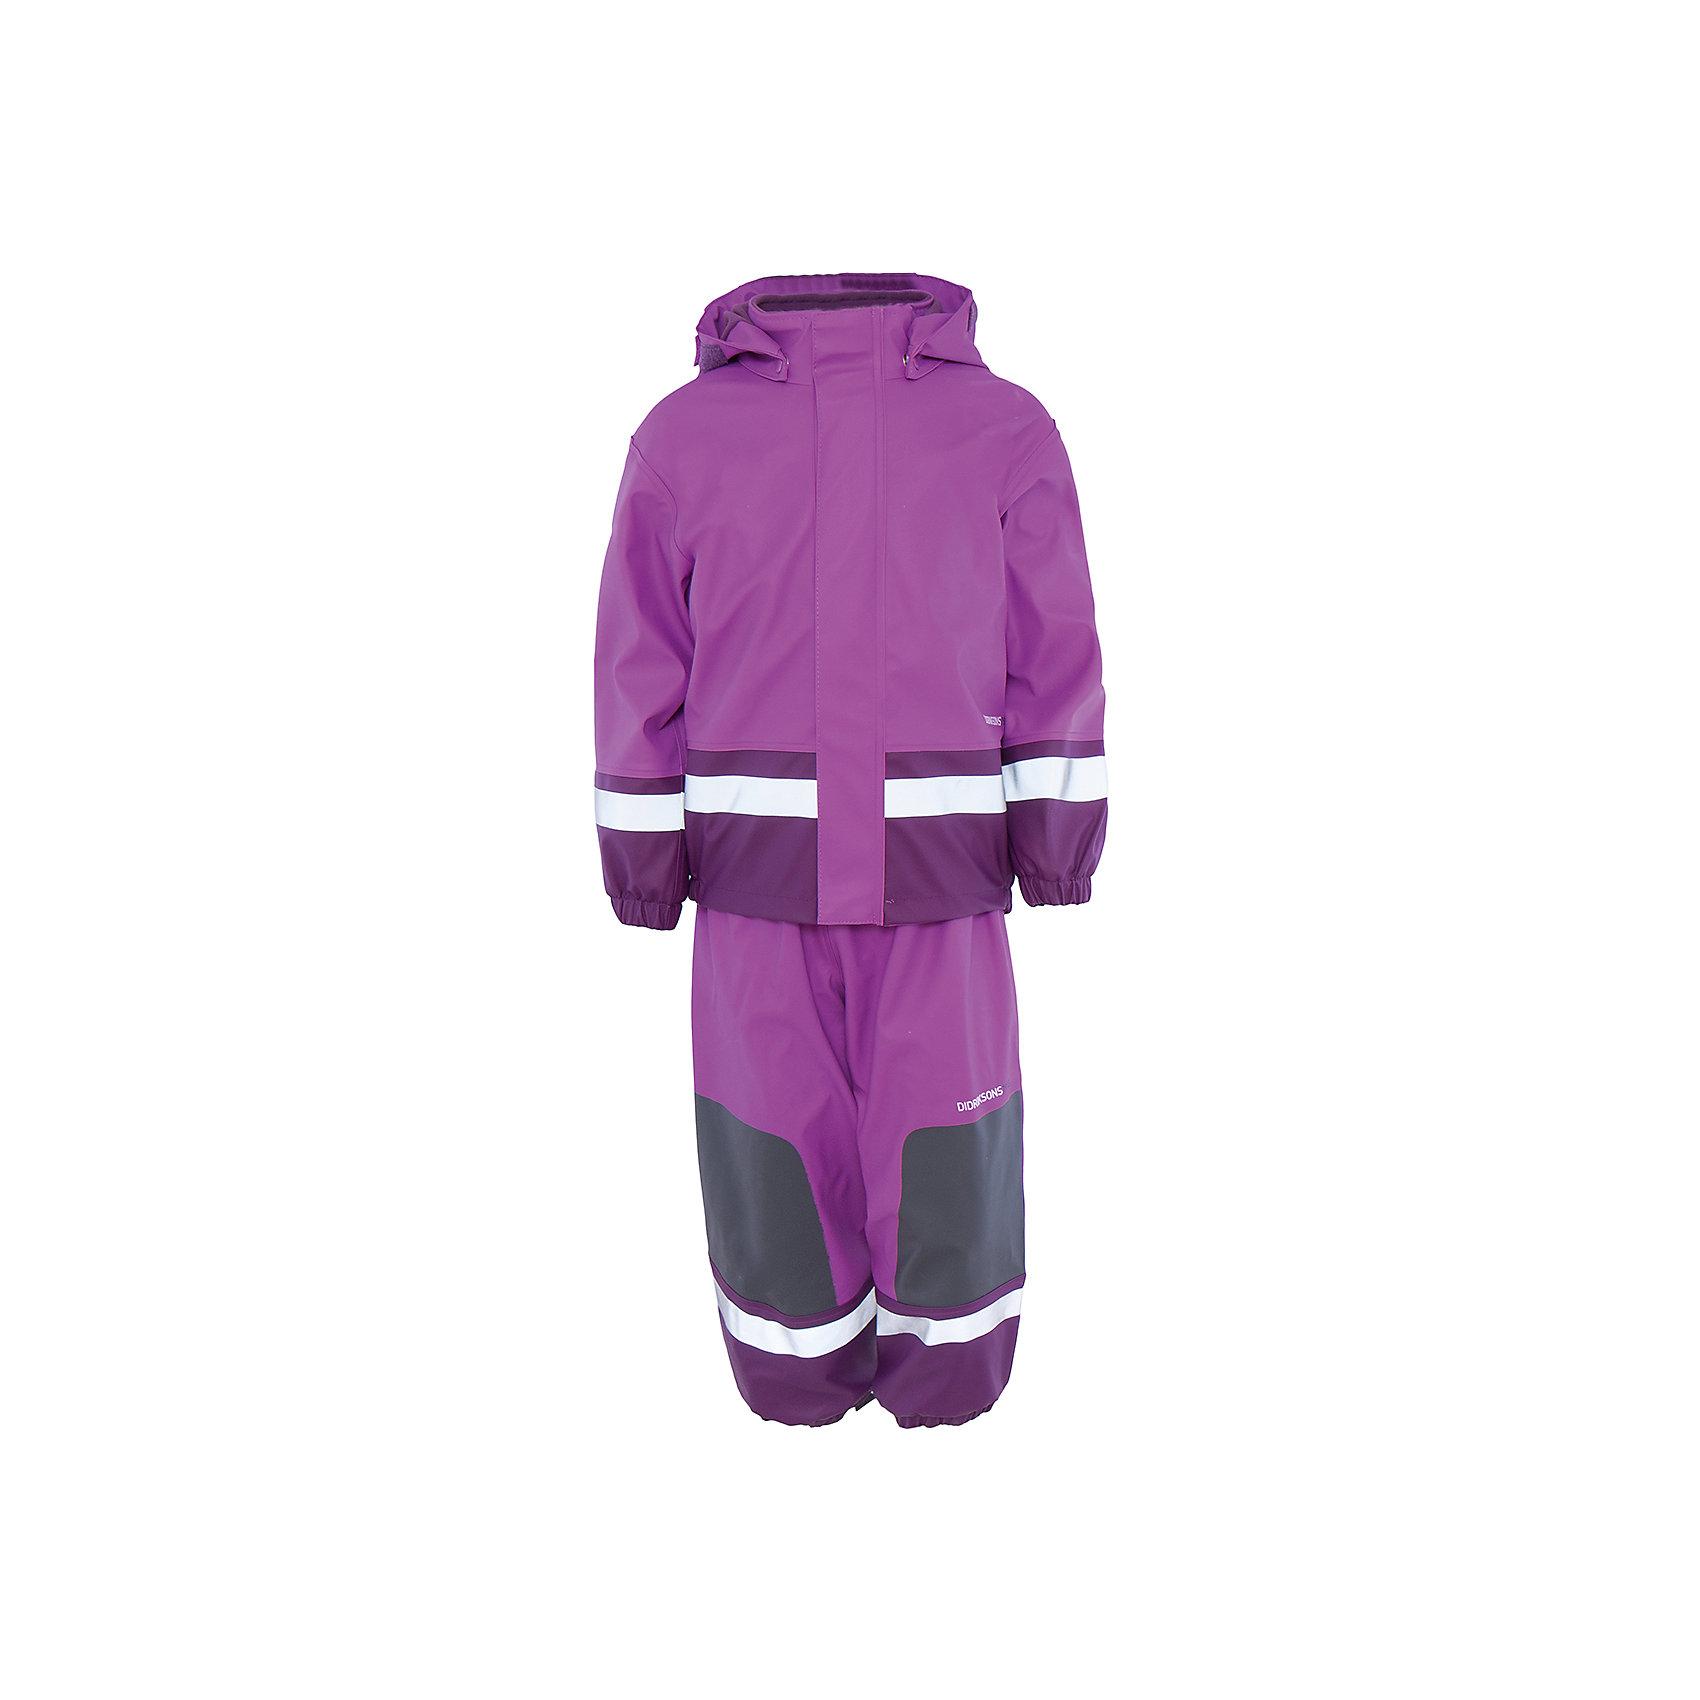 Непромокаемый комплект Boardman: куртка и брюки для девочки DIDRIKSONSВерхняя одежда<br>Характеристики товара:<br><br>• цвет: фиолетовый<br>• материал: 100% полиуретан, подкладка - 100% полиэстер<br>• утеплитель: 60 г/м<br>• температура: от 0° до +7 ° С<br>• непромокаемая ткань<br>• подкладка из флиса<br>• проклеенные швы<br>• регулируемый съемный капюшон<br>• регулируемый пояс брюк<br>• фронтальная молния под планкой<br>• светоотражающие детали<br>• зона коленей усилена дополнительным слоем ткани<br>• грязь легко удаляется с помощью влажной губки или ткани<br>• резинки для ботинок<br>• страна бренда: Швеция<br>• страна производства: Китай<br><br>Такой непромокаемый костюм понадобится в холодную и сырую погоду! Он не только стильный, но еще и очень комфортный. Костюм обеспечит ребенку удобство при прогулках и активном отдыхе в межсезонье или оттепель. Такая модель от шведского производителя легко чистится, она оснащена разными полезными деталями.<br>Материал костюма - непромокаемый, швы дополнительно проклеены. Очень стильная и удобная модель! Изделие качественно выполнено, сделано из безопасных для детей материалов. <br><br>Комплект: куртку и брюки для девочки от бренда DIDRIKSONS можно купить в нашем интернет-магазине.<br><br>Ширина мм: 356<br>Глубина мм: 10<br>Высота мм: 245<br>Вес г: 519<br>Цвет: лиловый<br>Возраст от месяцев: 96<br>Возраст до месяцев: 108<br>Пол: Женский<br>Возраст: Детский<br>Размер: 130,110,100,90,80,70,120<br>SKU: 5212636